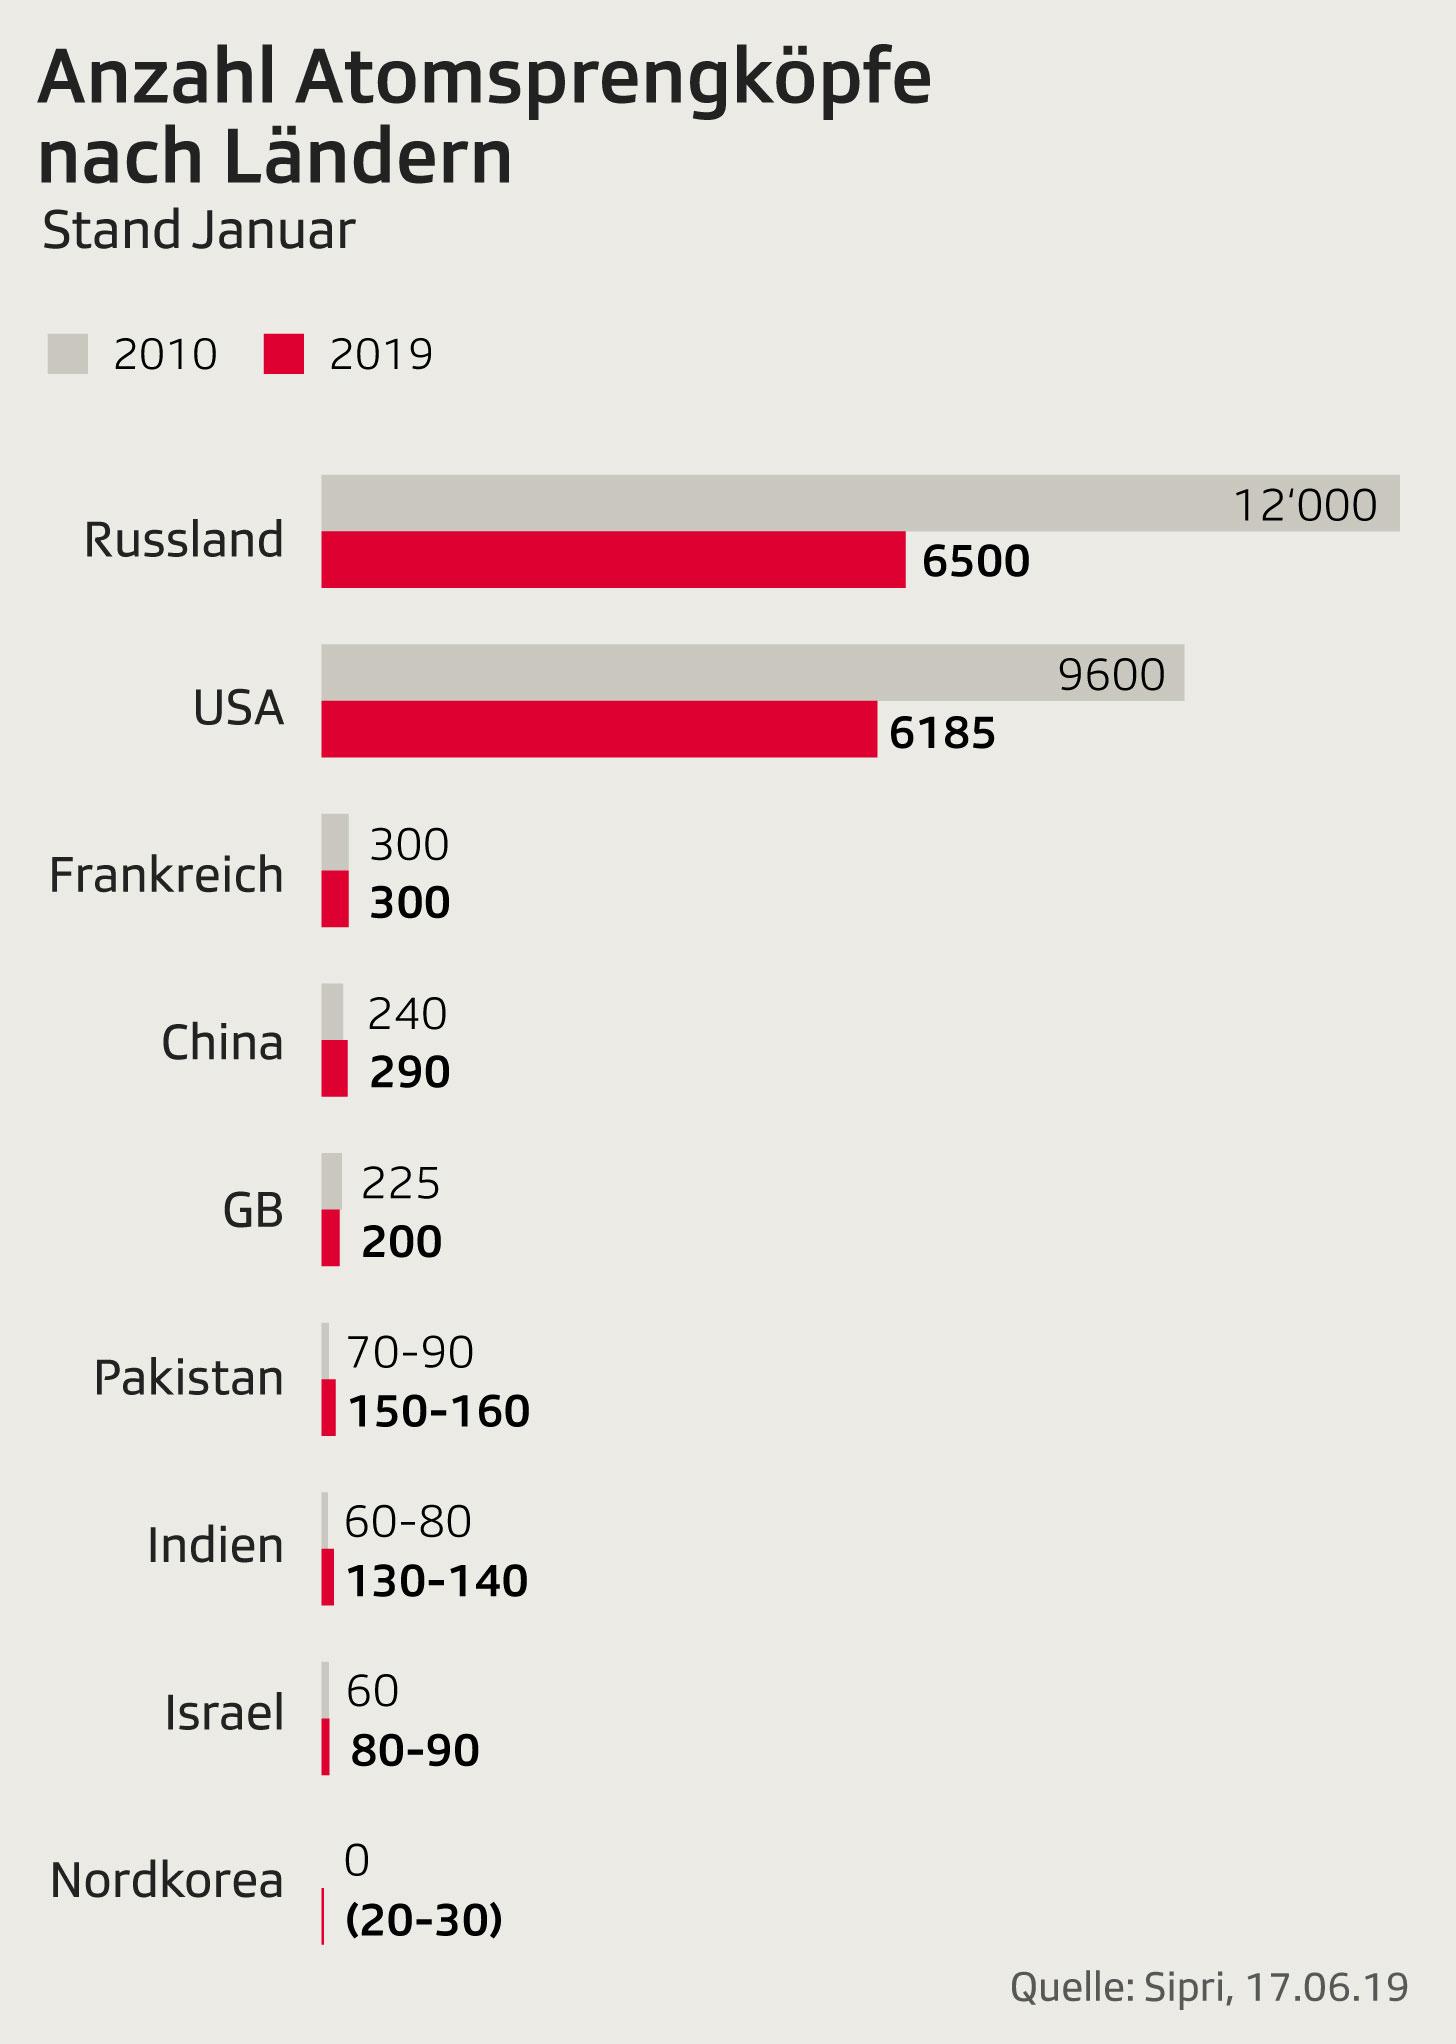 Grafik zeigt Anzahl der Atomsprengköpfe pro Land